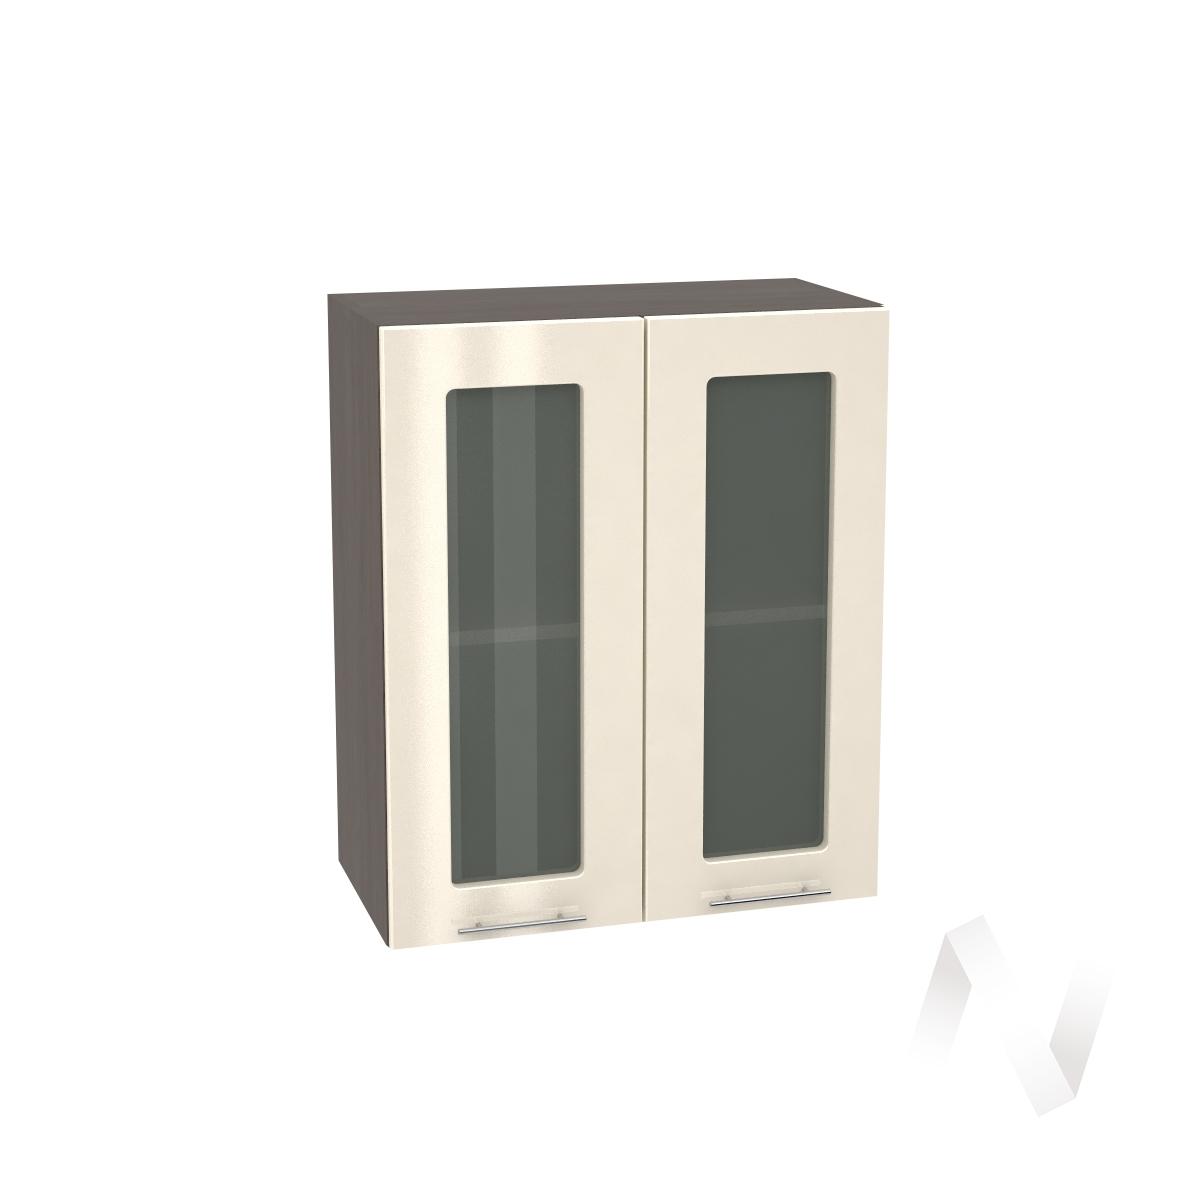 """Кухня """"Валерия-М"""": Шкаф верхний со стеклом 600, ШВС 600 (Ваниль глянец/корпус венге)"""